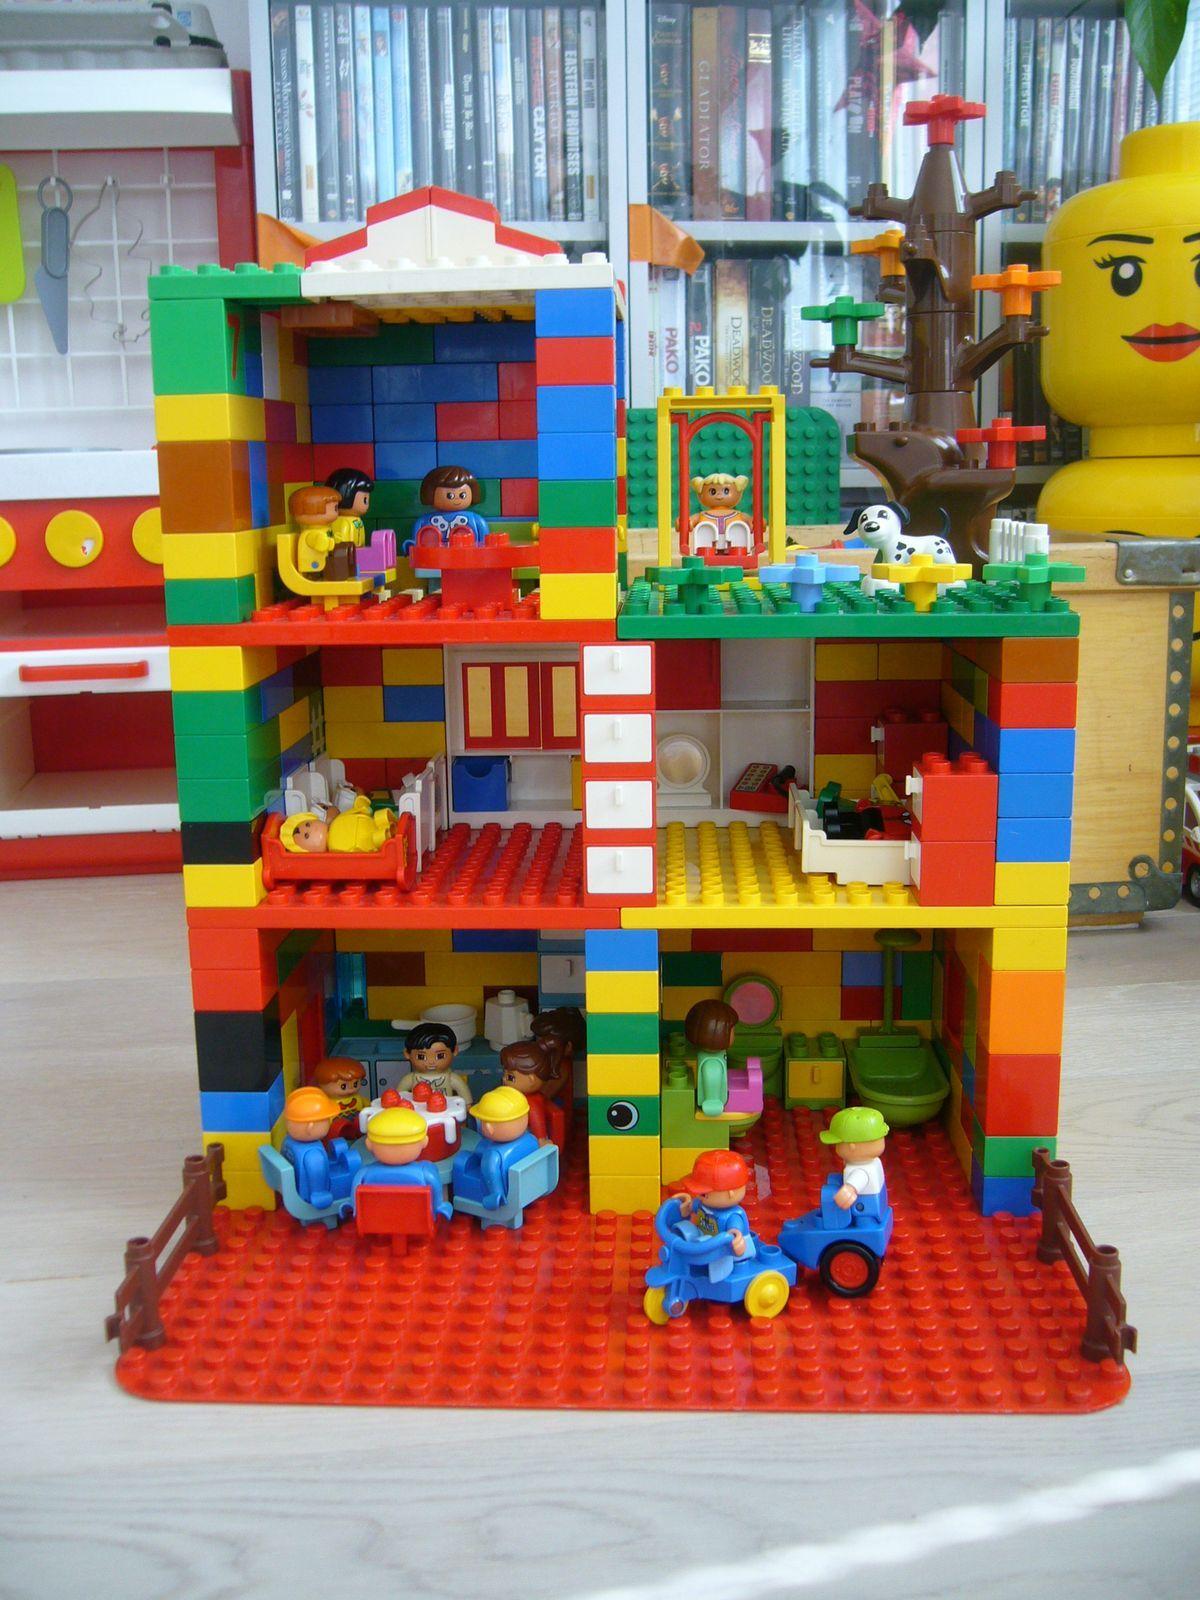 pin von belinda riordan auf things to do with kids pinterest spielzeug lego und kinder. Black Bedroom Furniture Sets. Home Design Ideas